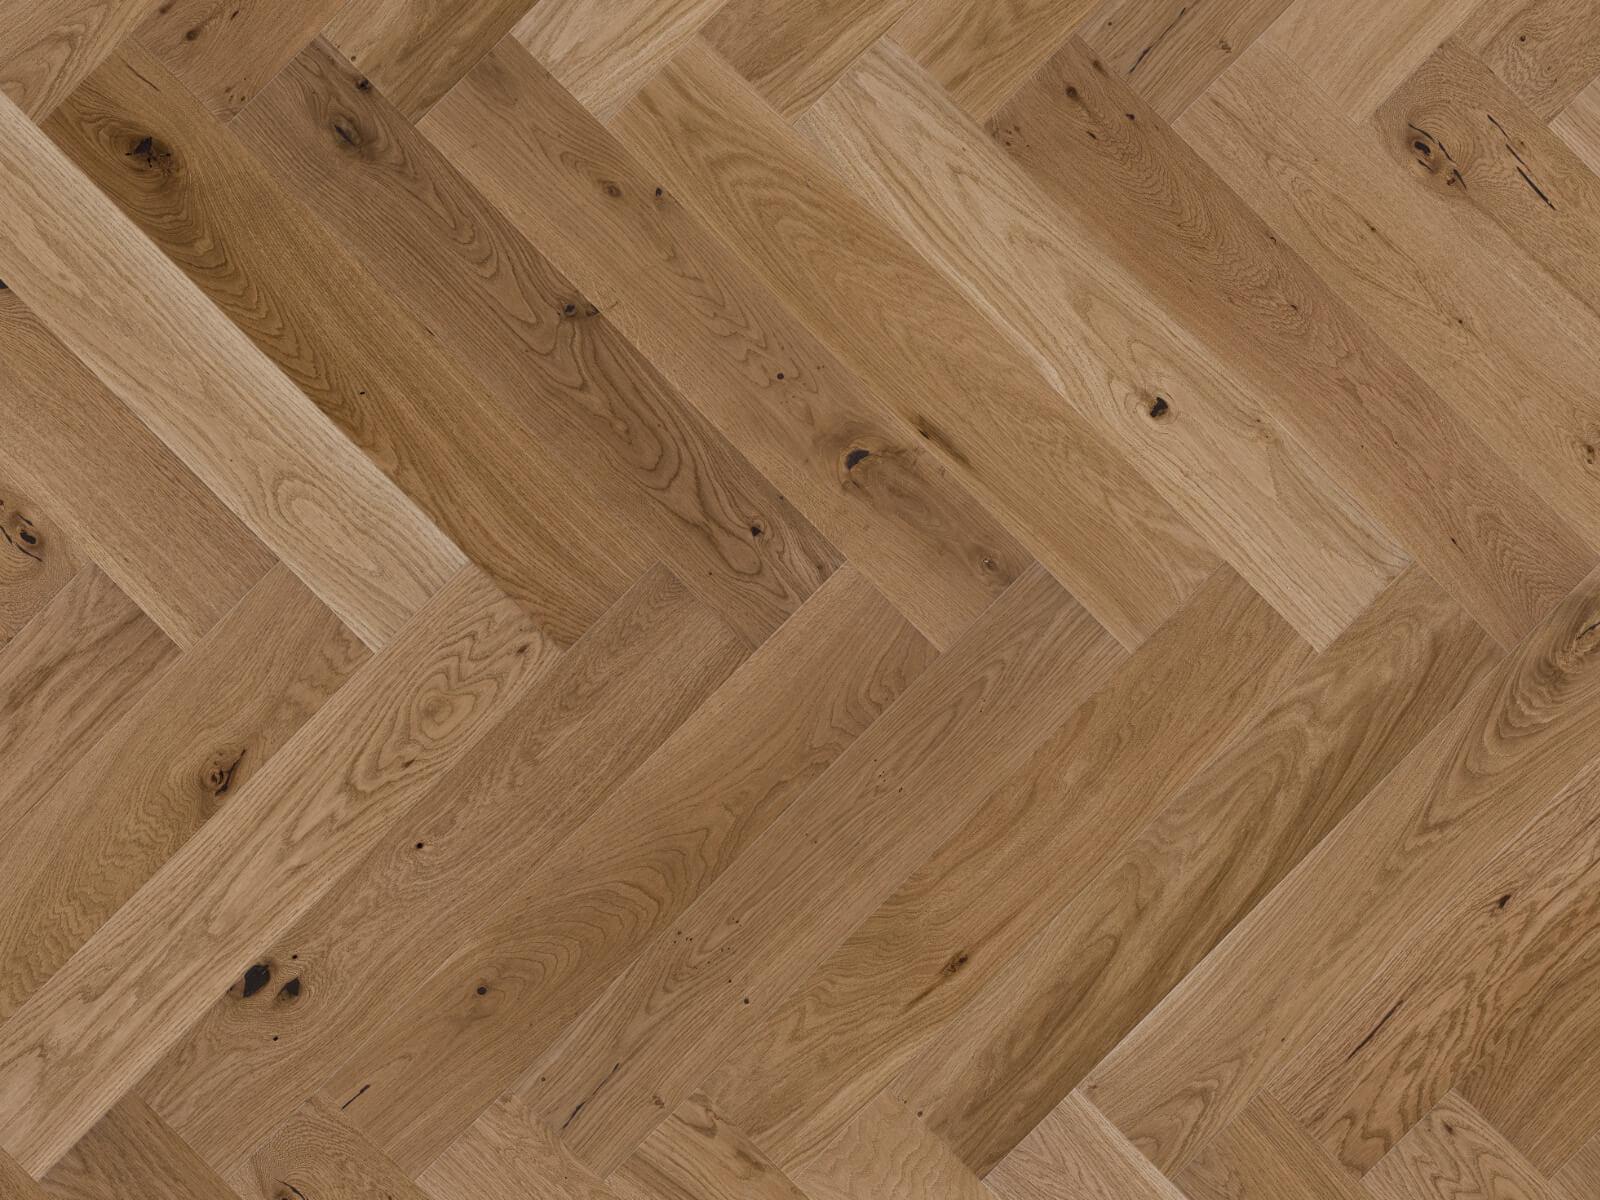 Verdi-vloer-100391011